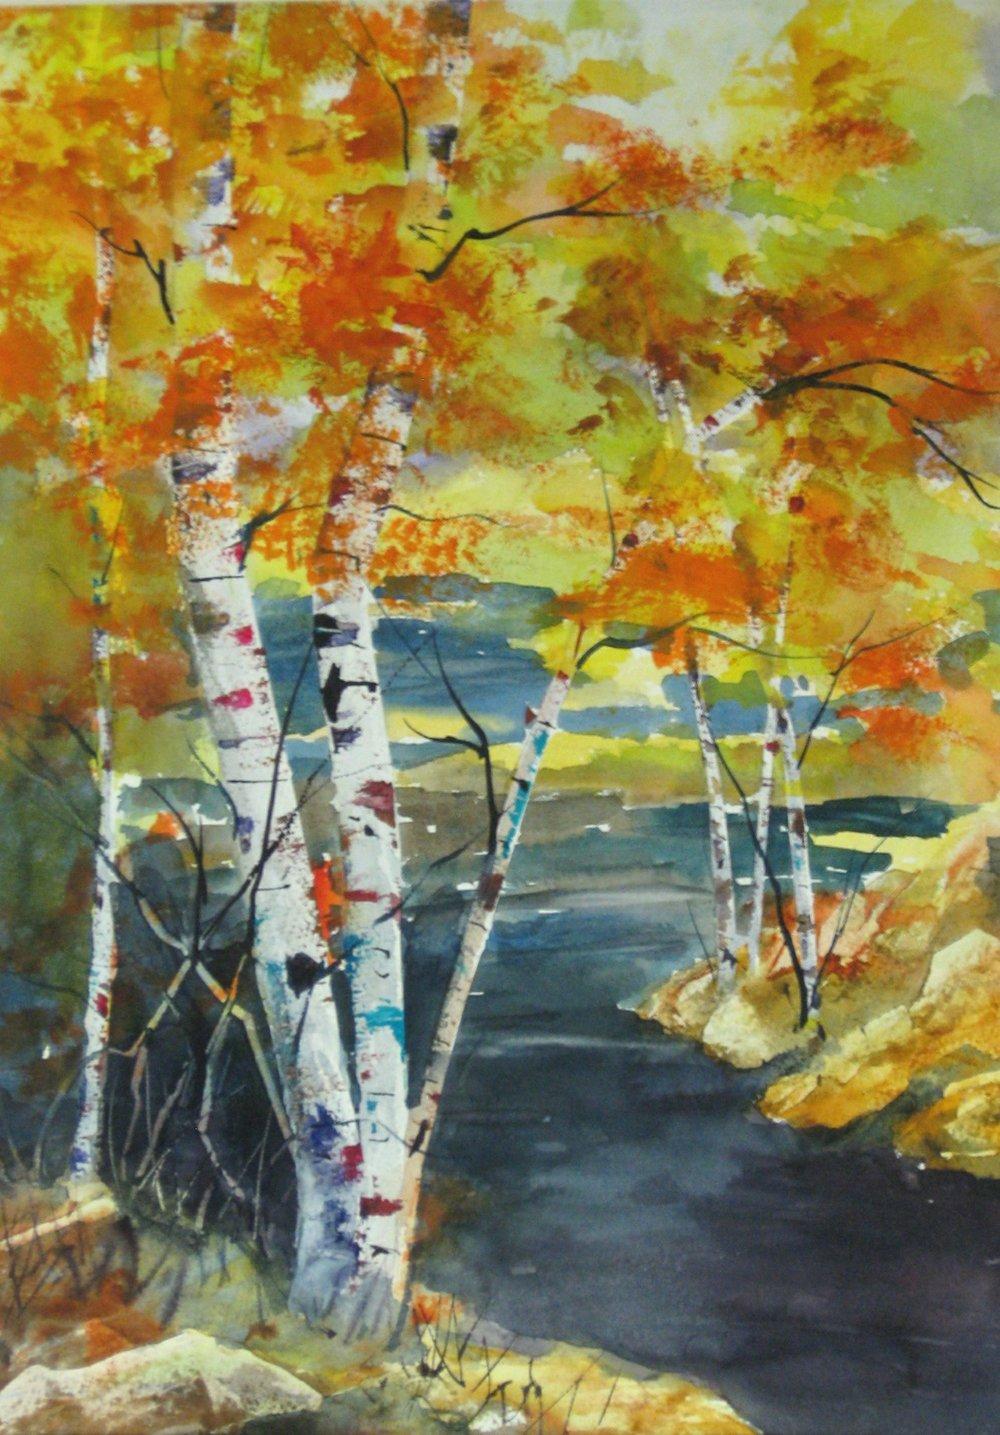 Birch_Stream_1-2-2012_009.JPG